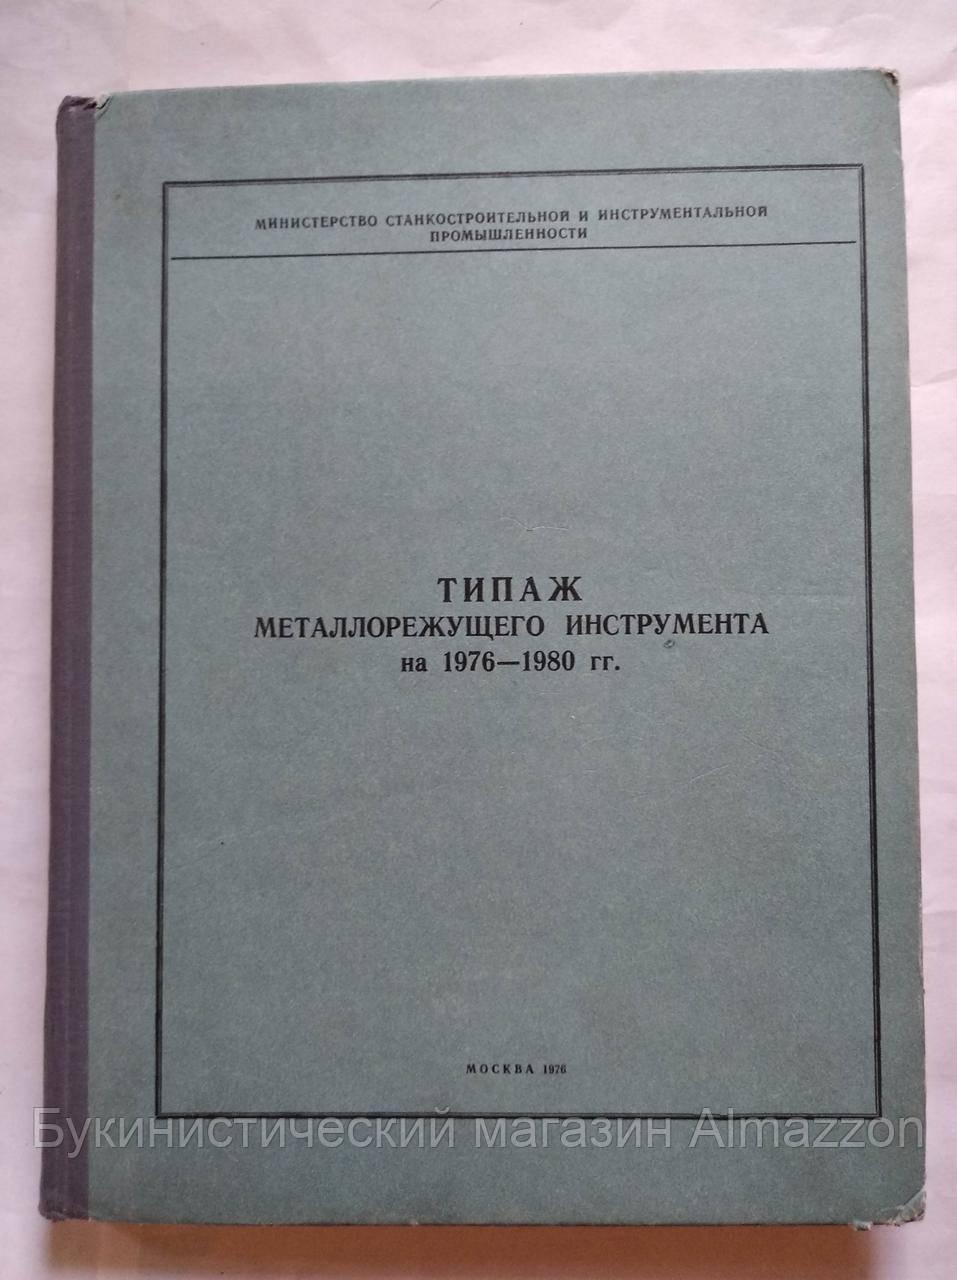 Типаж металорізального інструменту на 1976-1980 роки